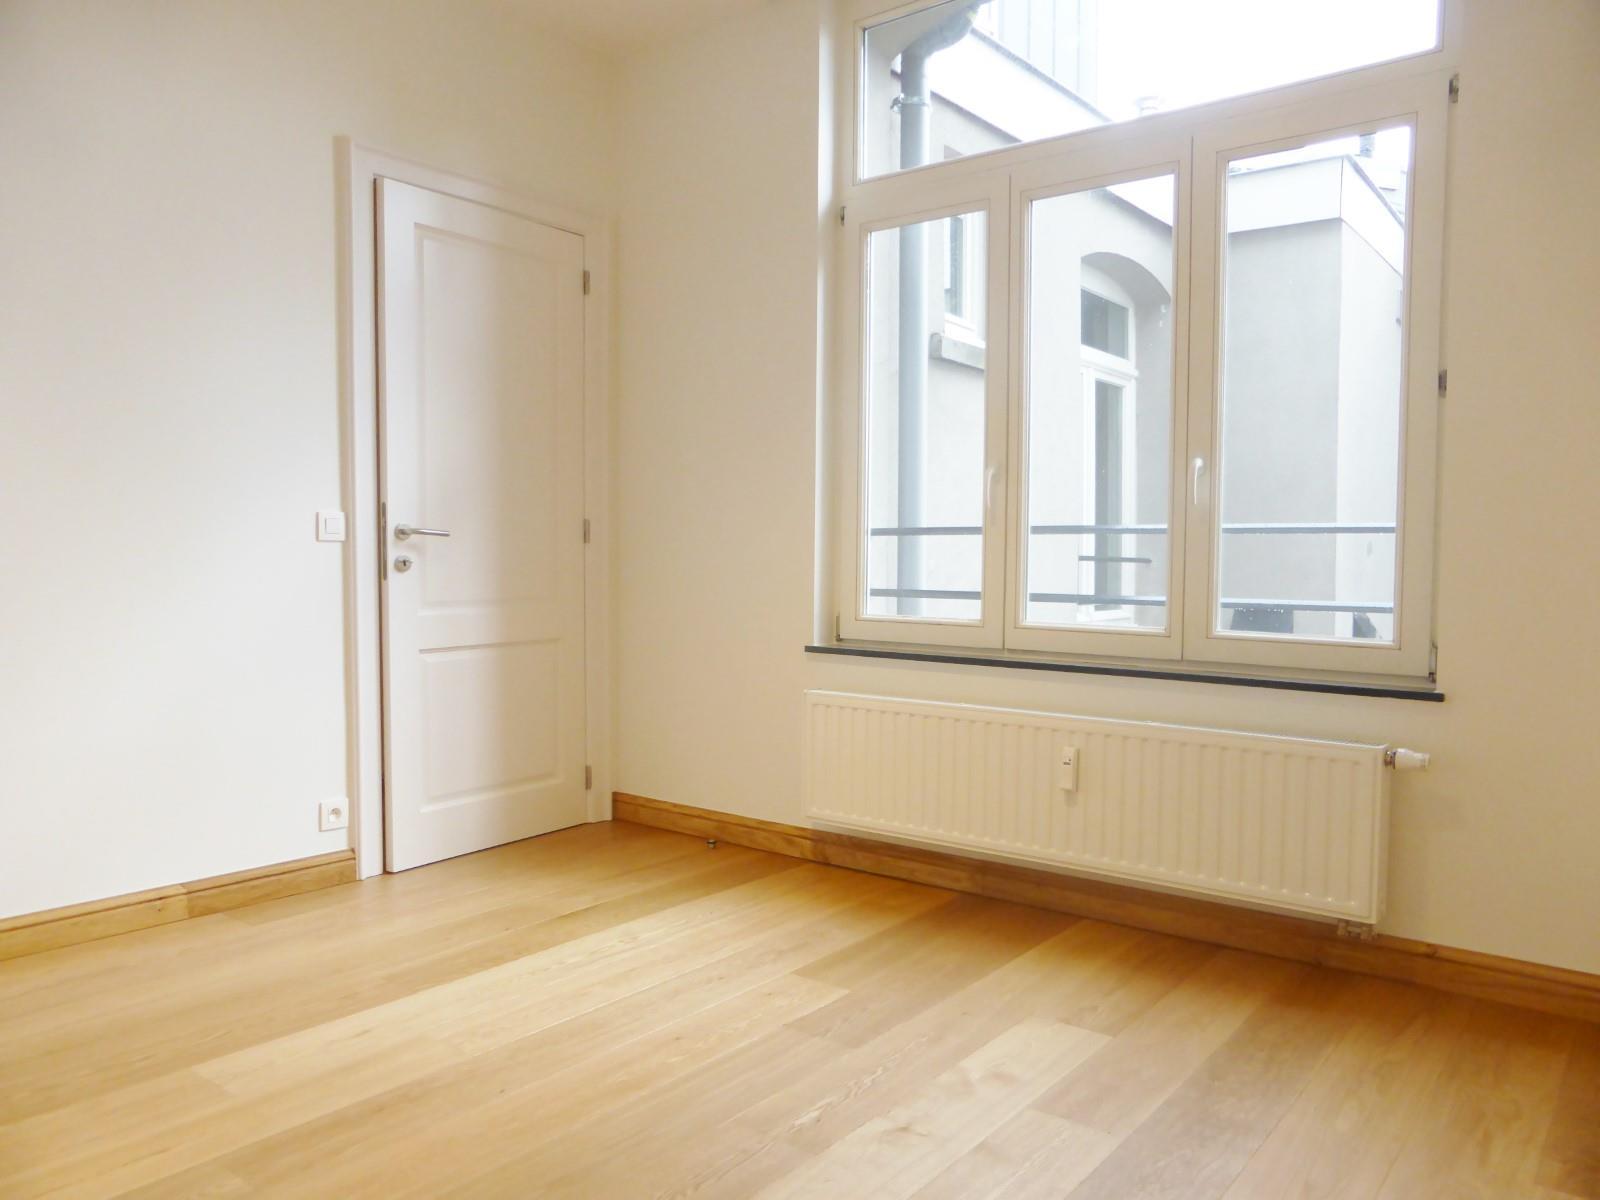 Appartement exceptionnel - Bruxelles - #3965237-32